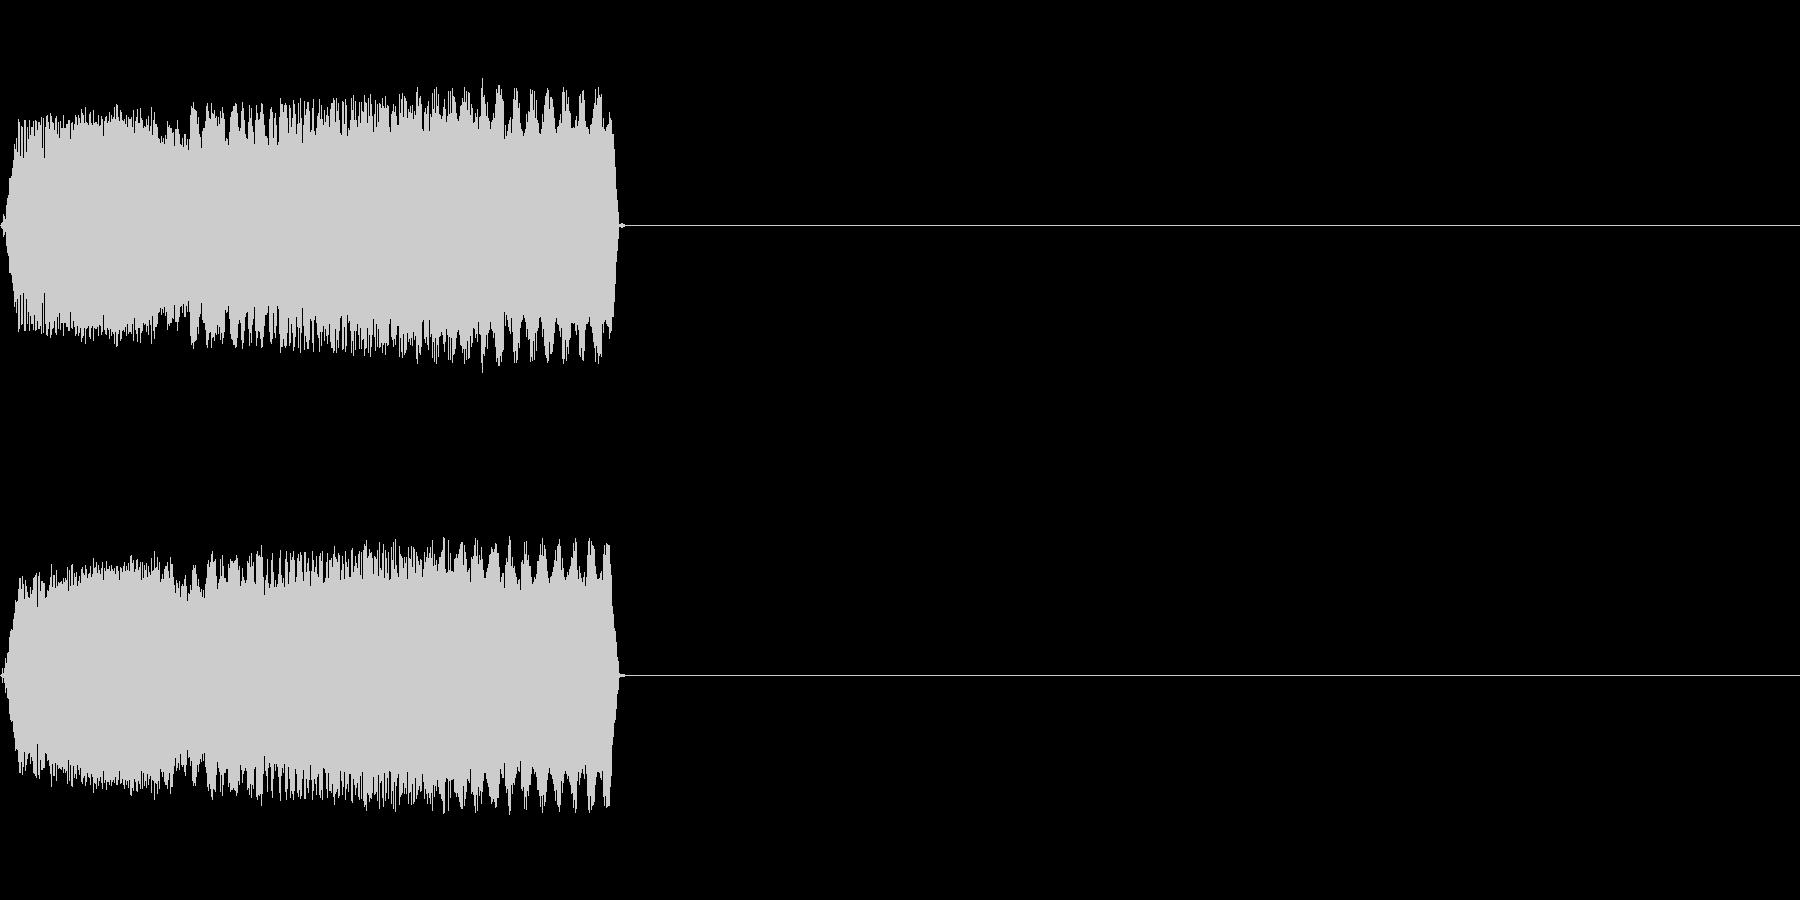 攻撃音09(ビーム)の未再生の波形